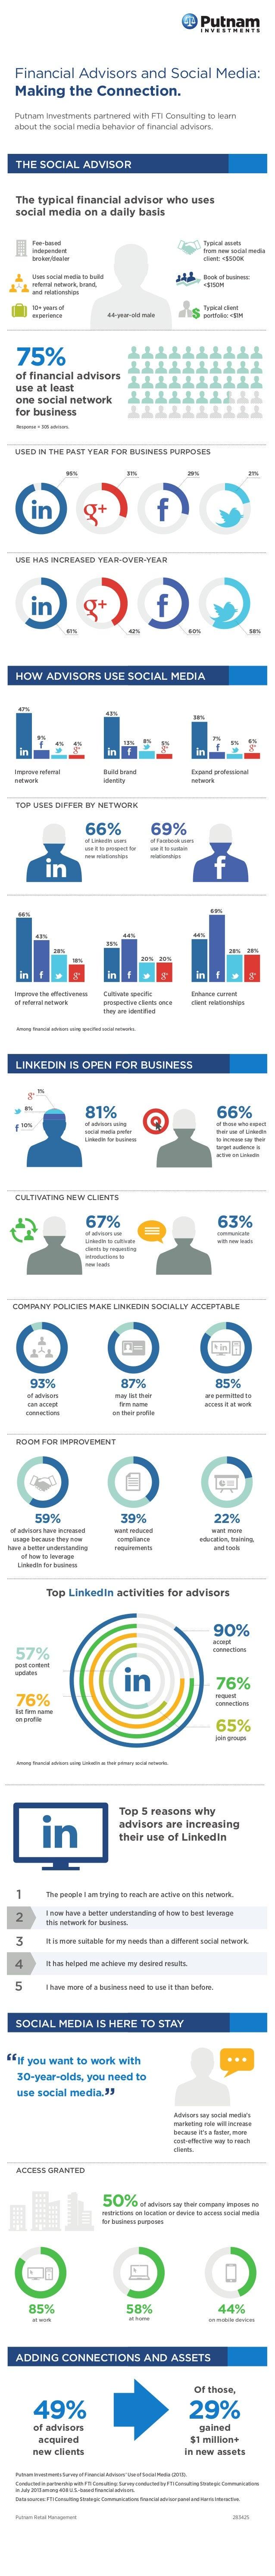 Putnam Social Media Survey